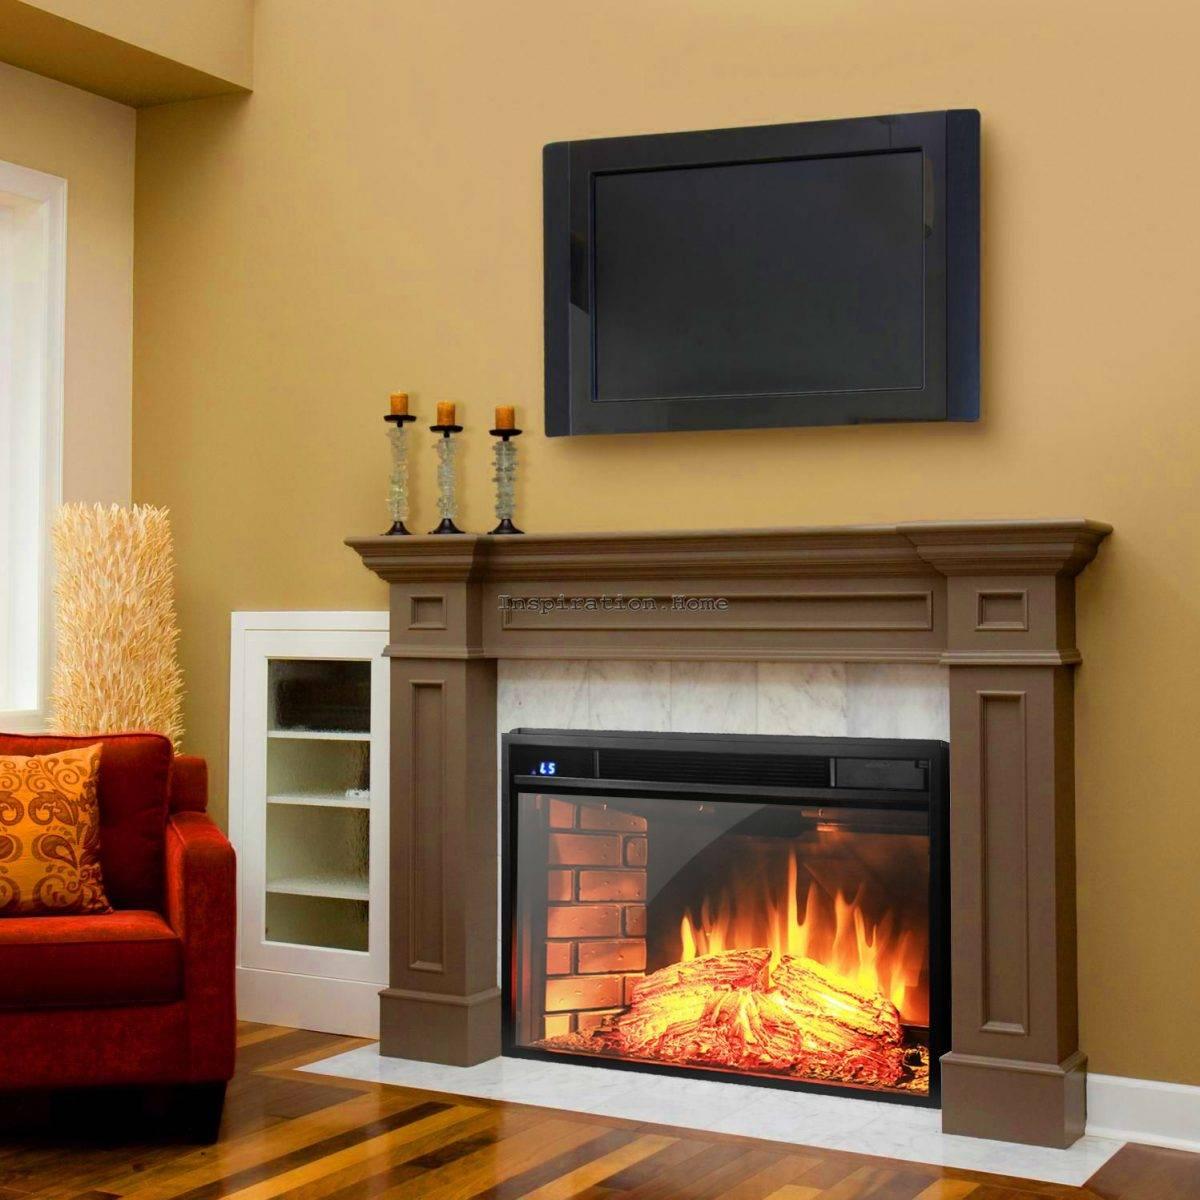 Как выбрать электрокамин для квартиры и дома + видео